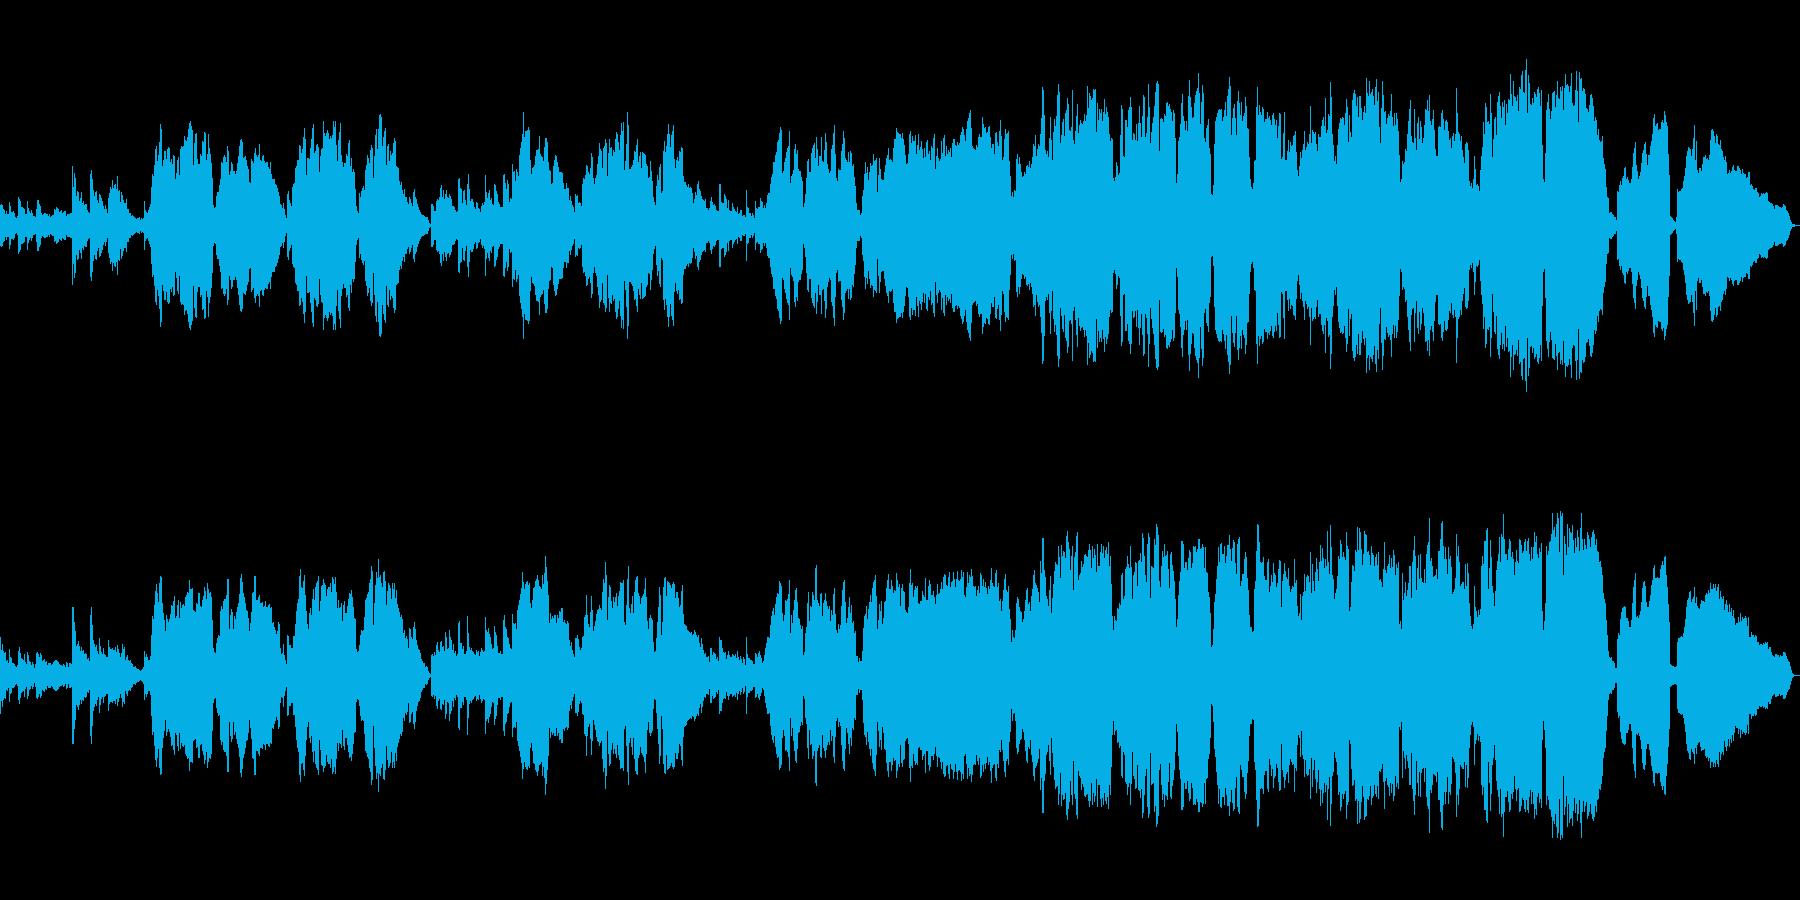 生演奏《ユーフォニウムの懐かしい曲 感動の再生済みの波形